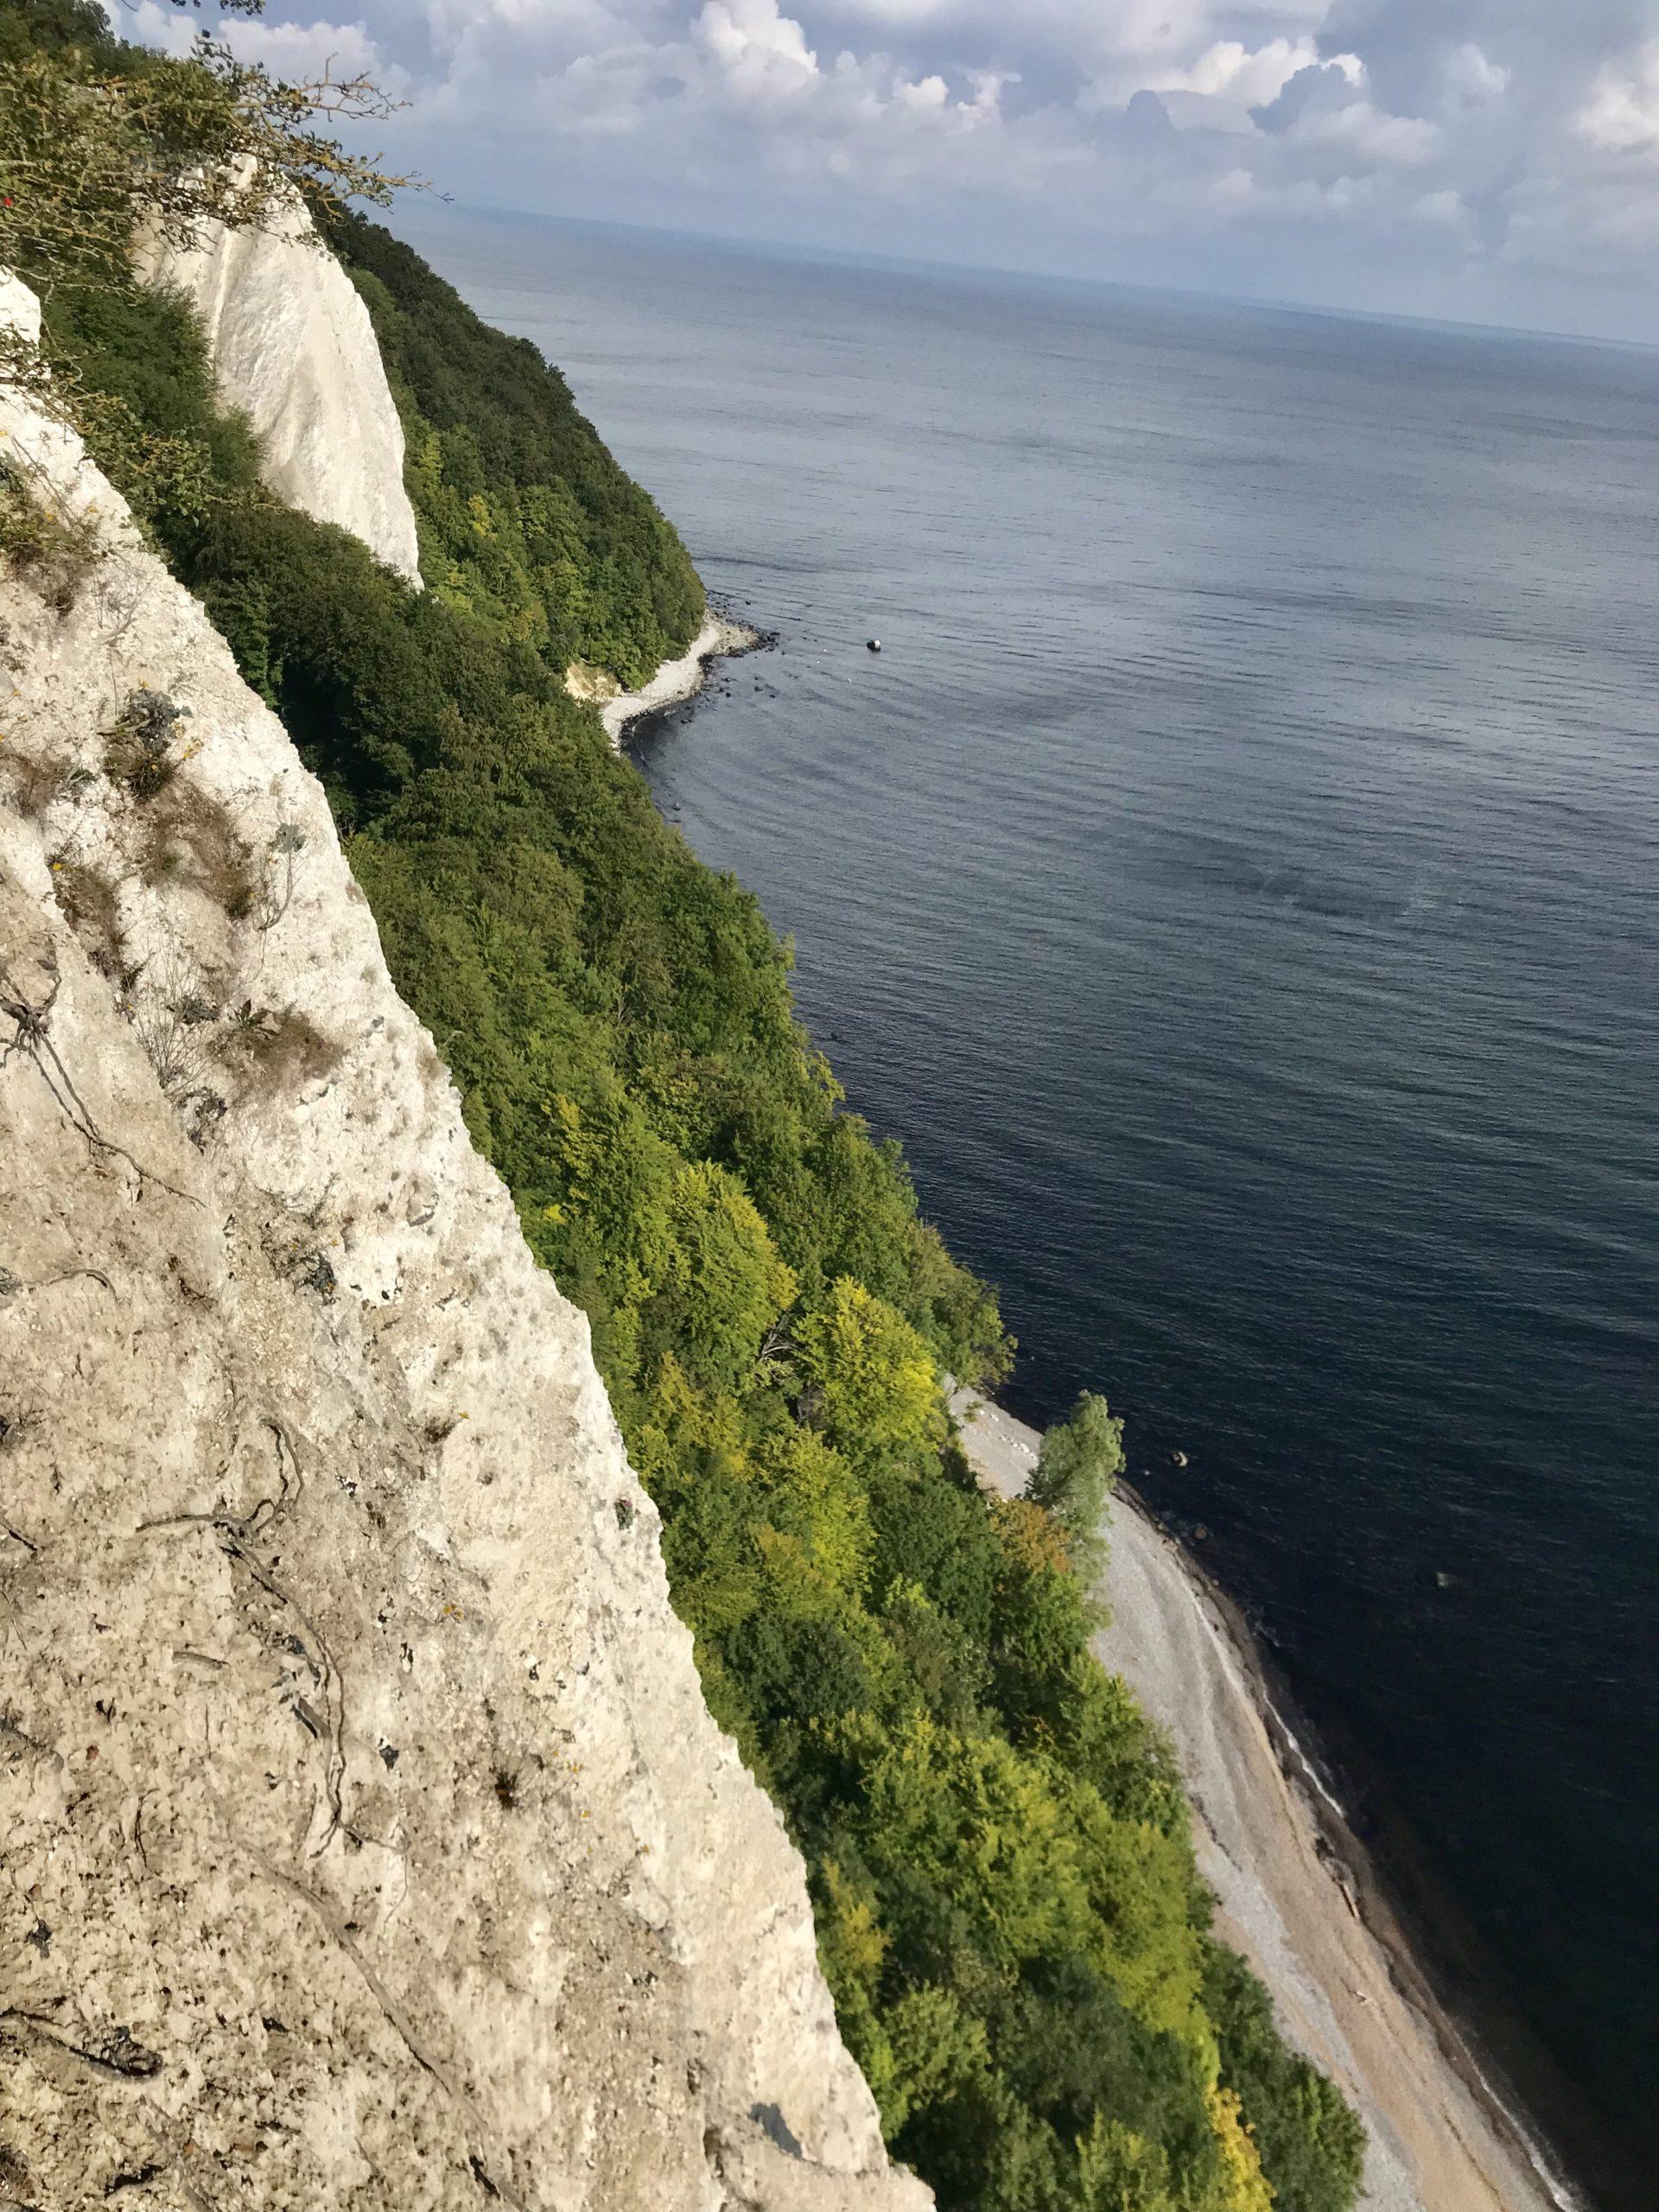 Grosse Stubbenkammer von der Königsstuhl Aussichtsplattform gesehen